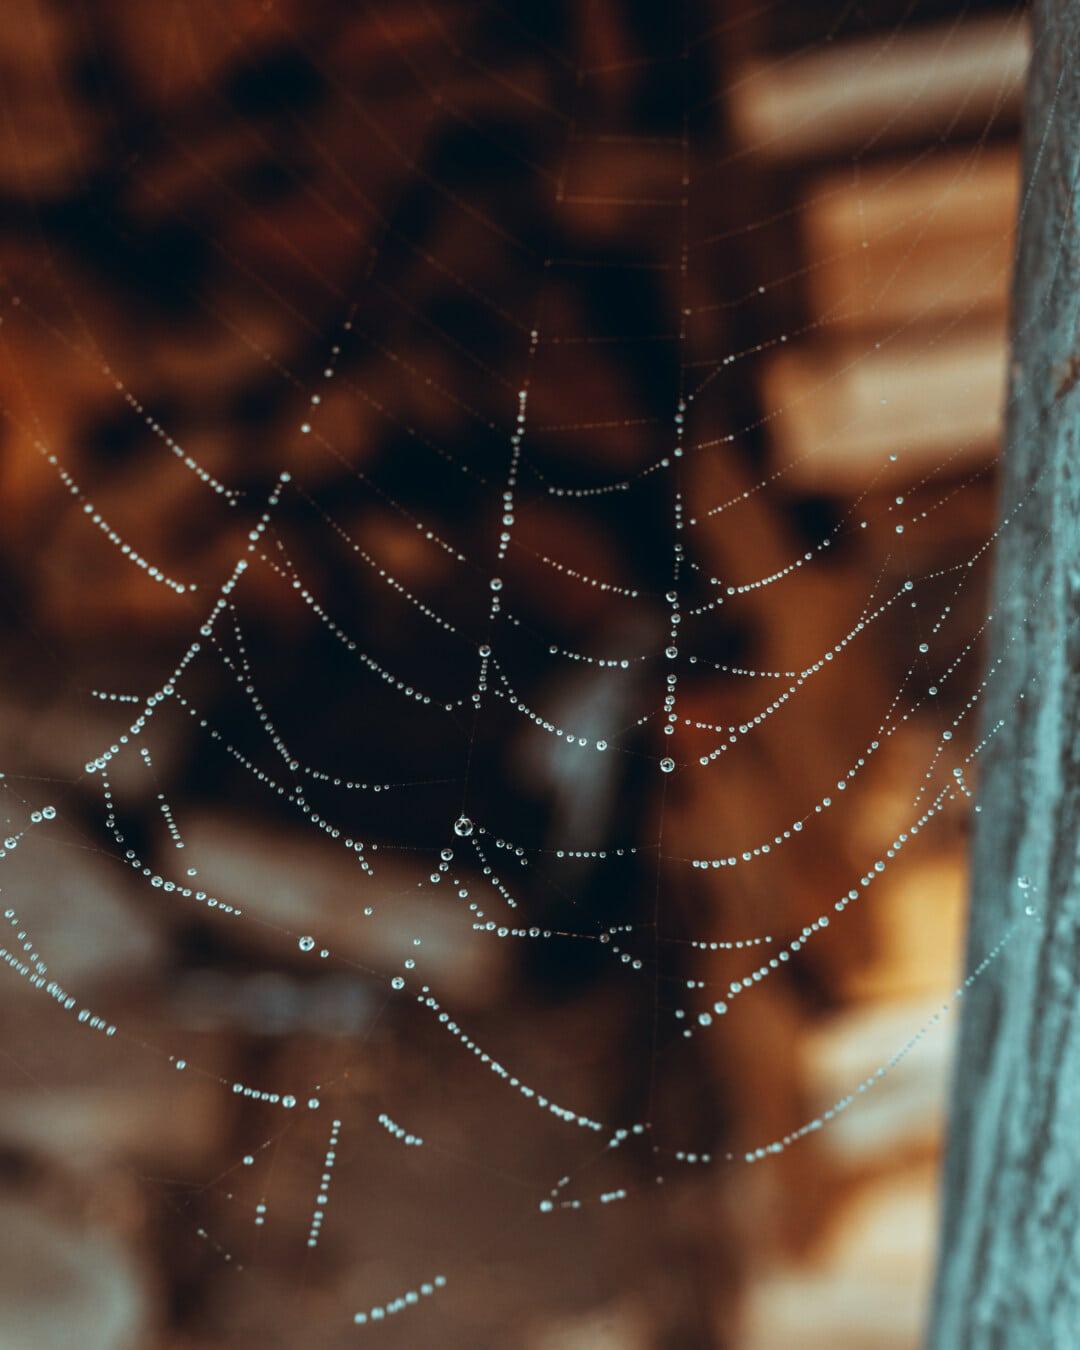 moisture, wet, spiderweb, close-up, dew, cobweb, trap, spider, spider web, shining